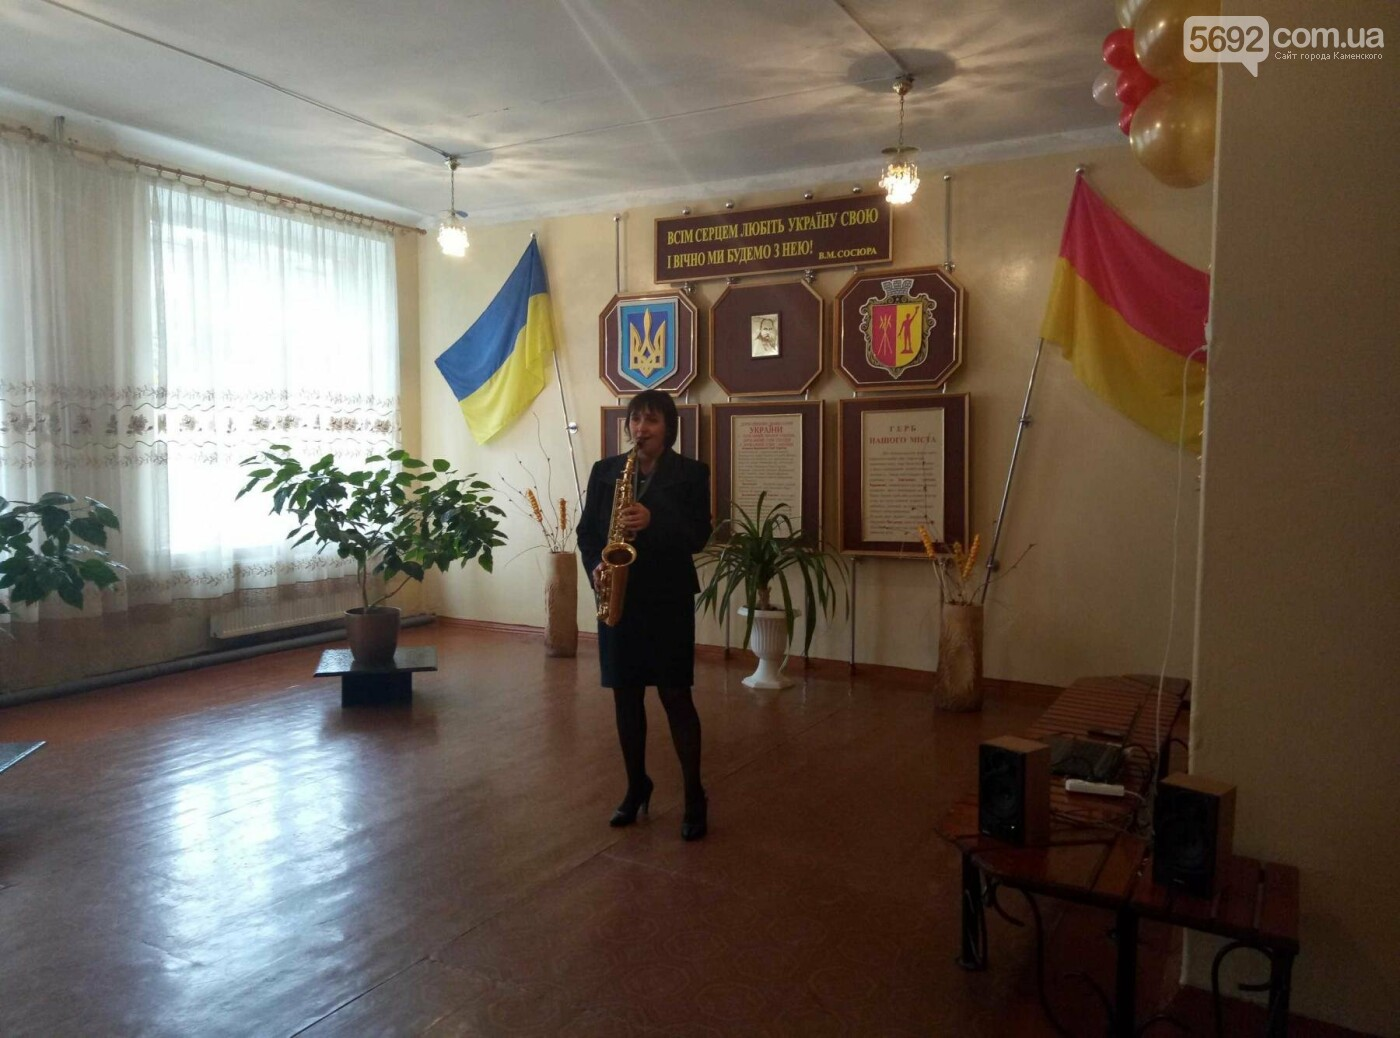 Каменская школа №7 отпраздновала 55-летие, фото-7